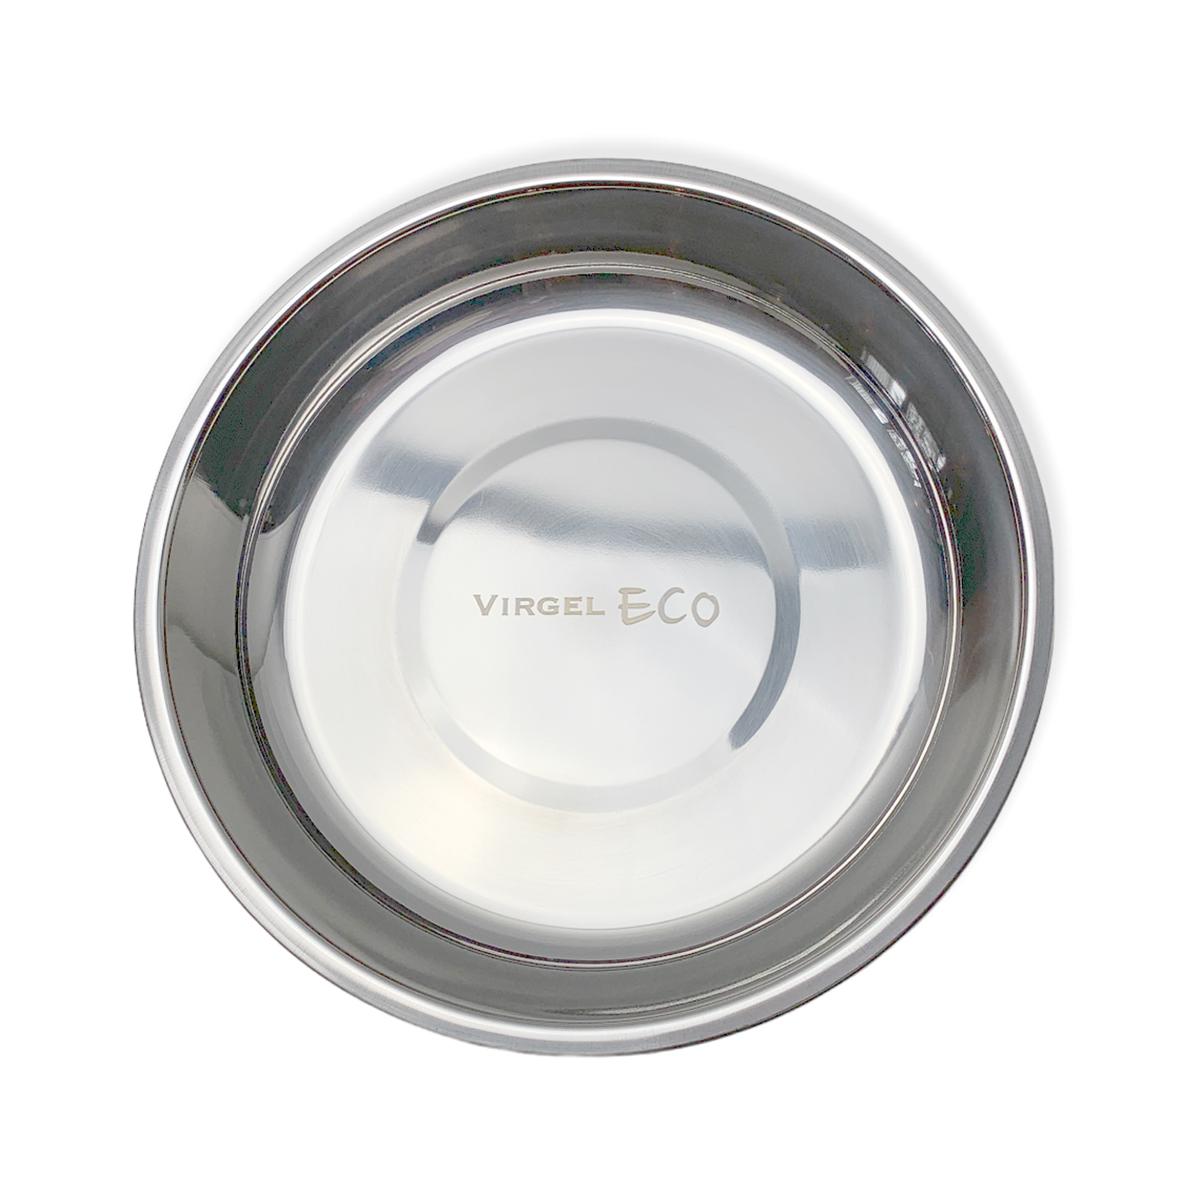 Rund tallrik av rostfritt stål 18/8 18 cm i diameter, Virgel